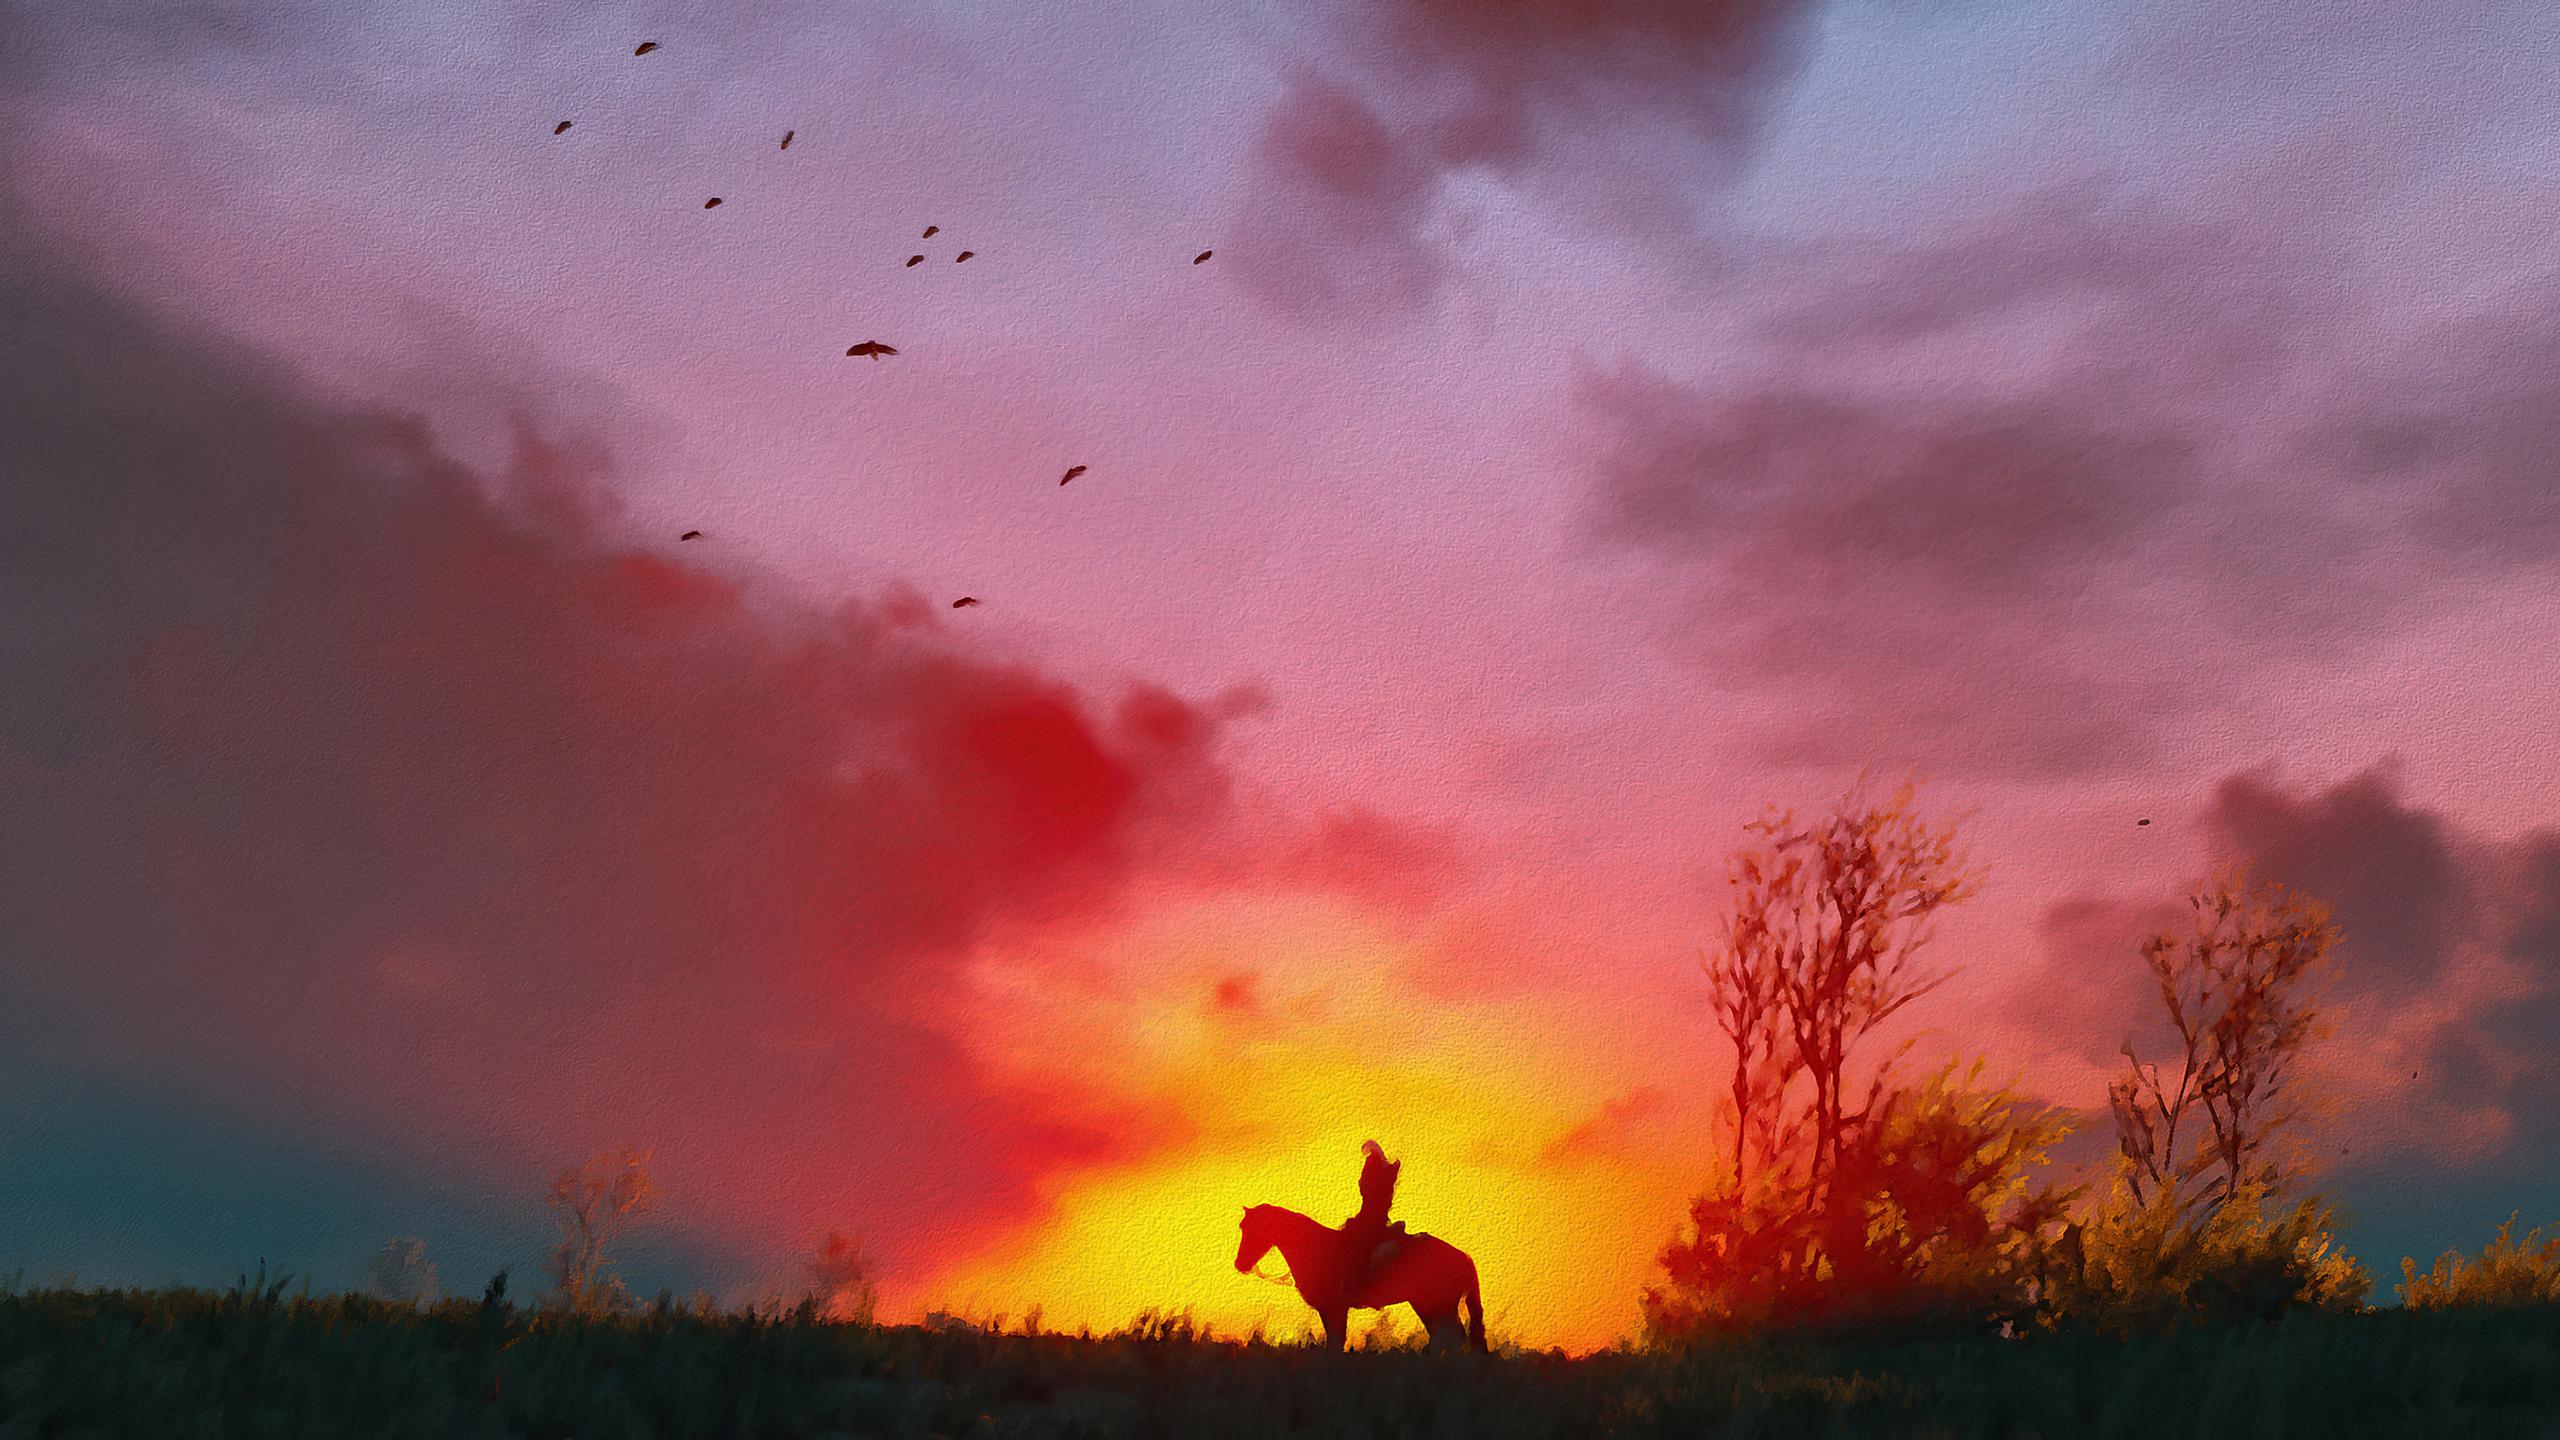 2560x1440 4k The Witcher 3 Wild Hunt 2020 1440p Resolution Hd 4k